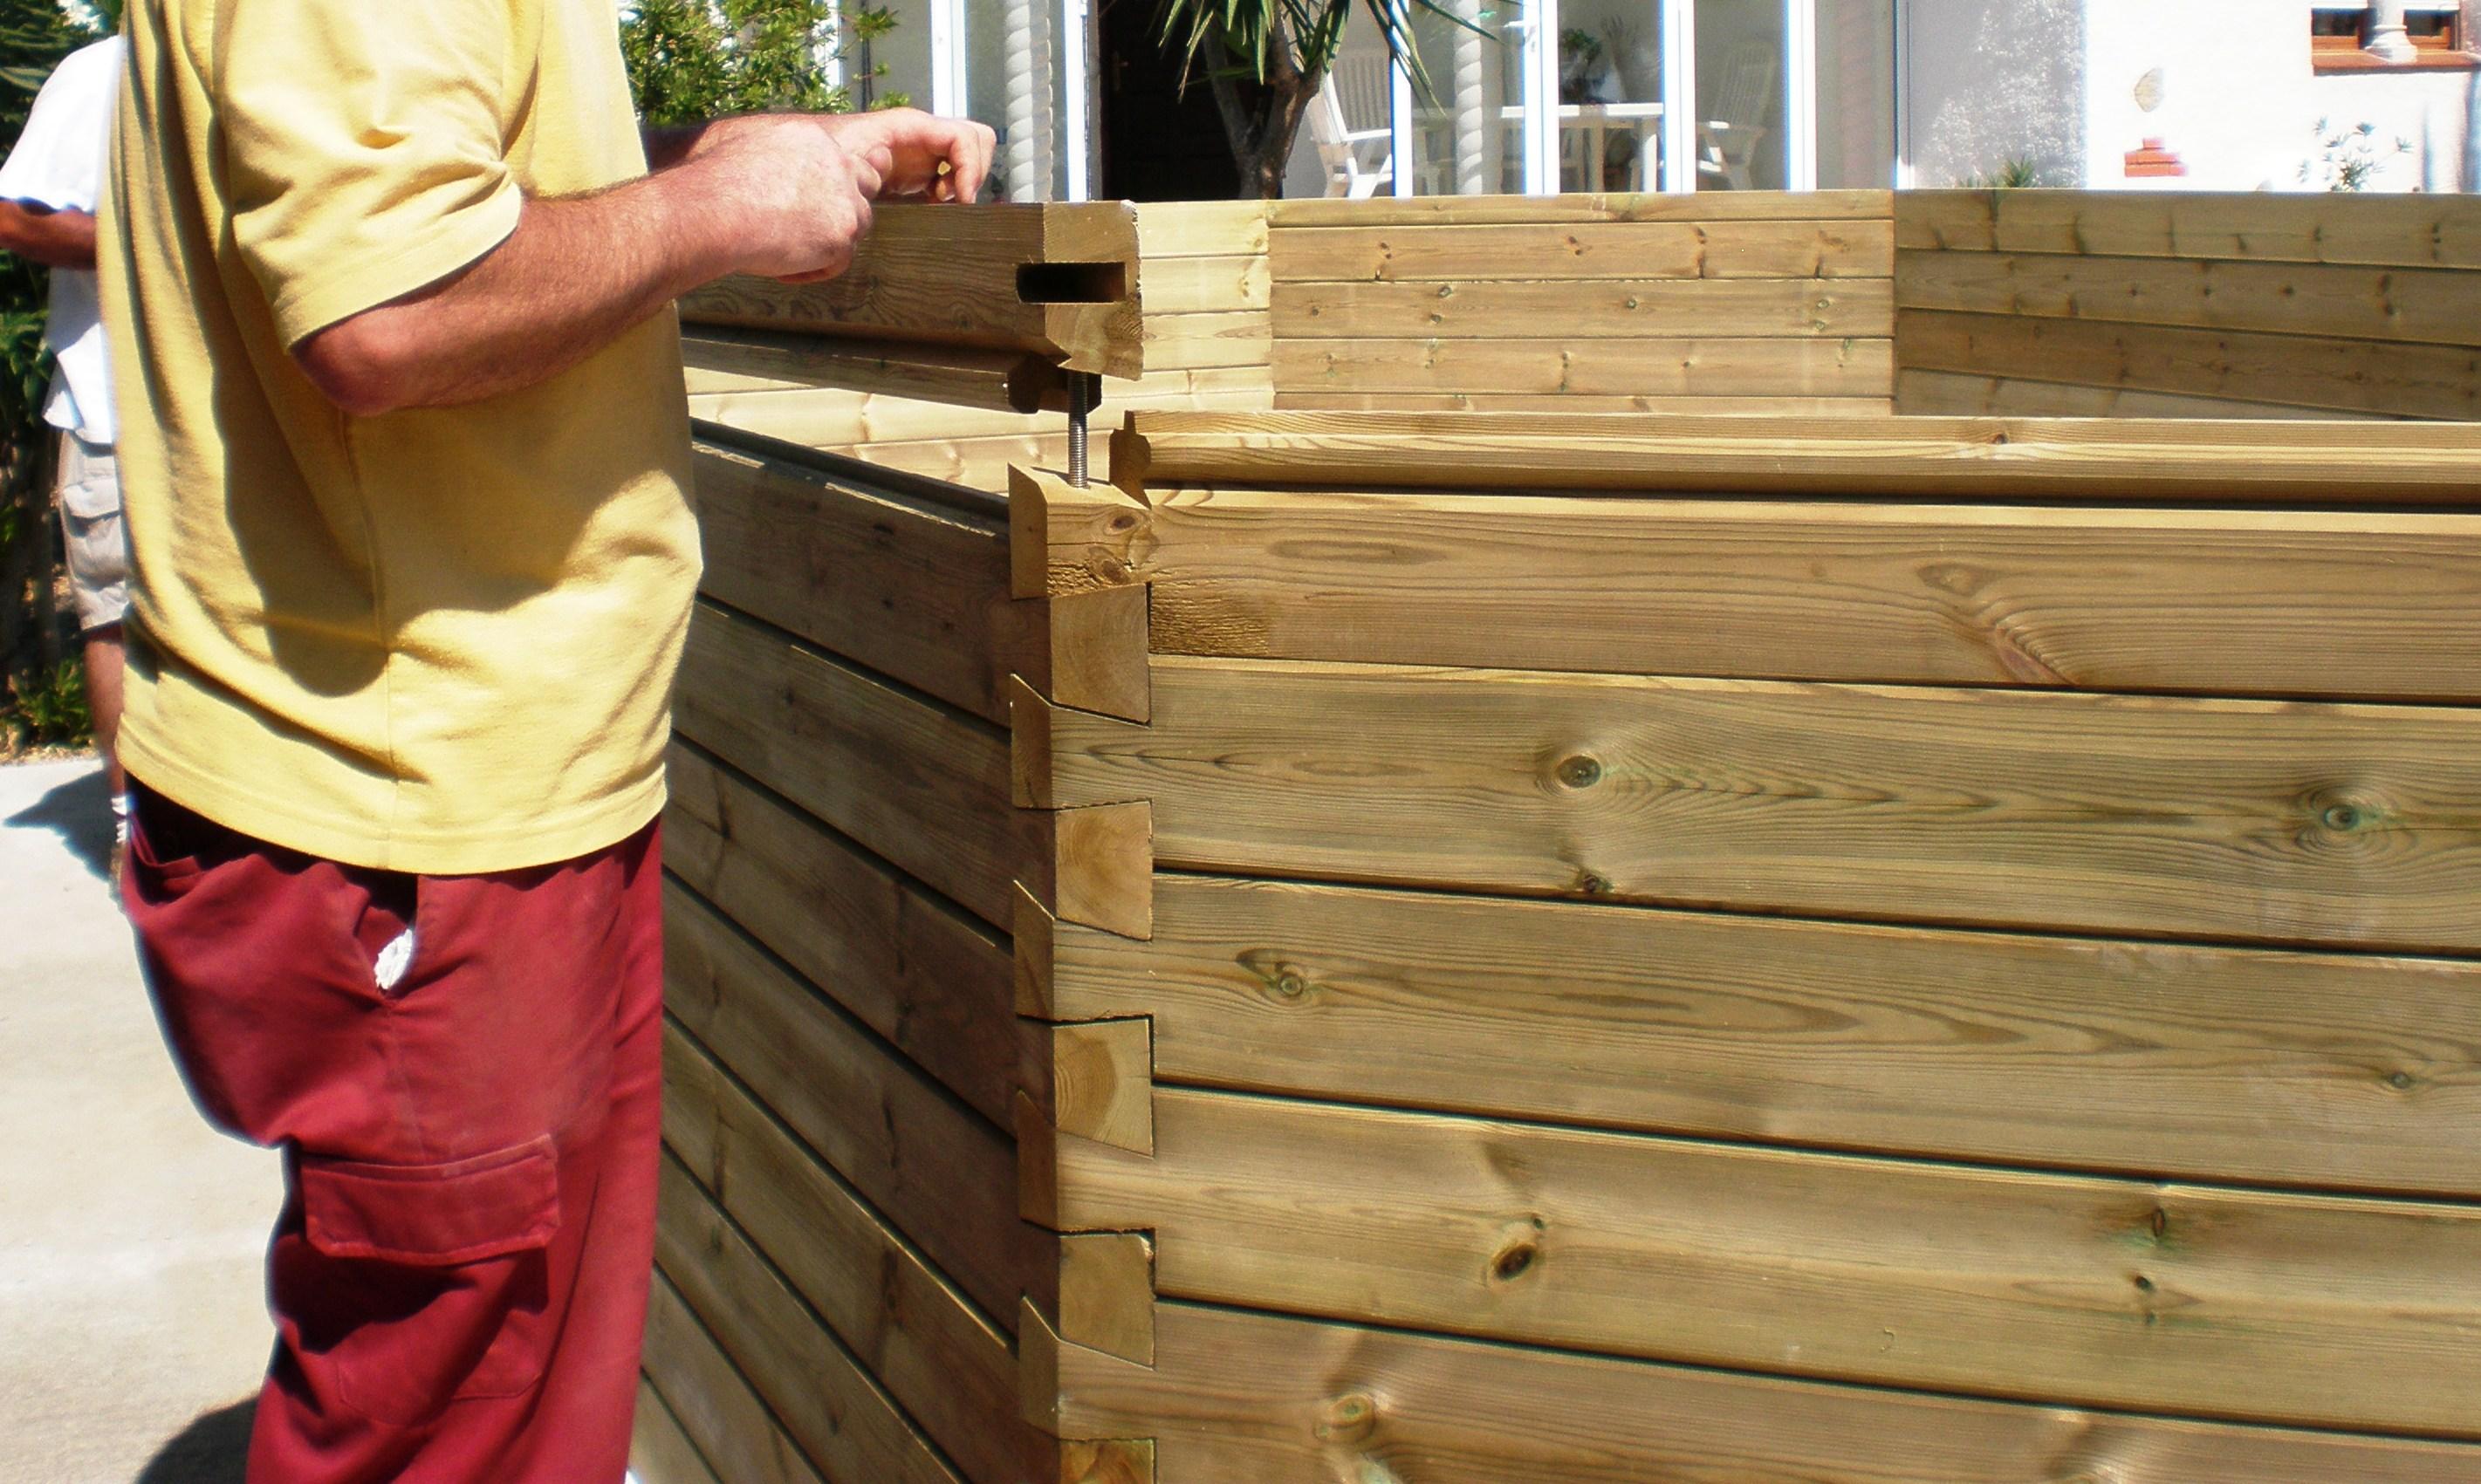 Piscinas de madera en tarragona piscinas con elegancia - Piscinas de madera semienterradas ...